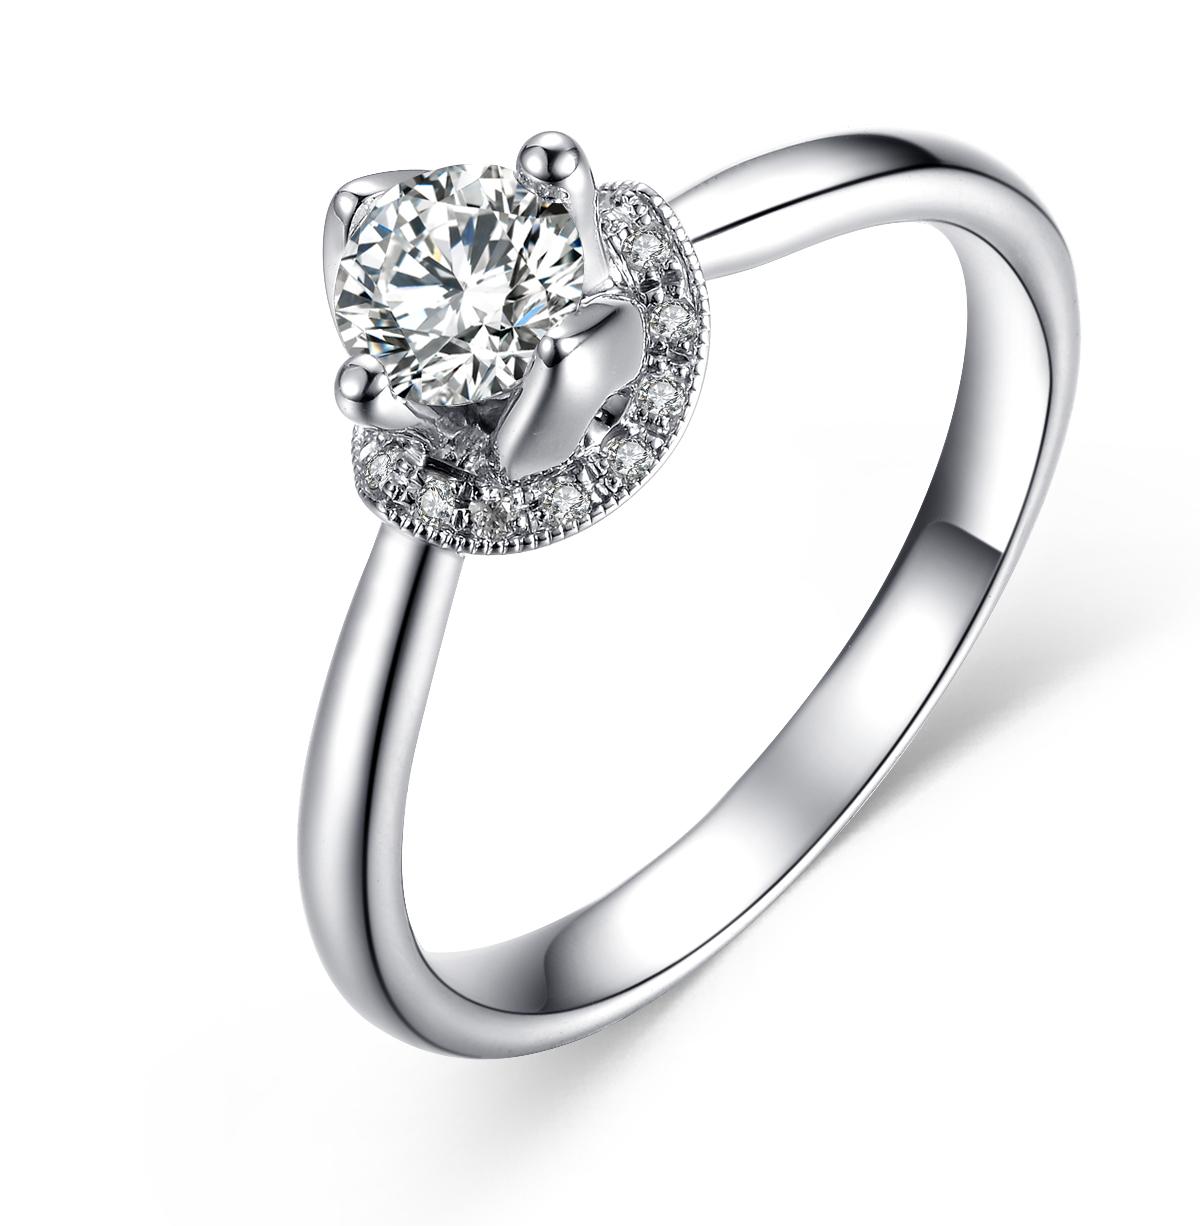 【雅蕊】 白18K金35分/0.35克拉钻石女士戒指